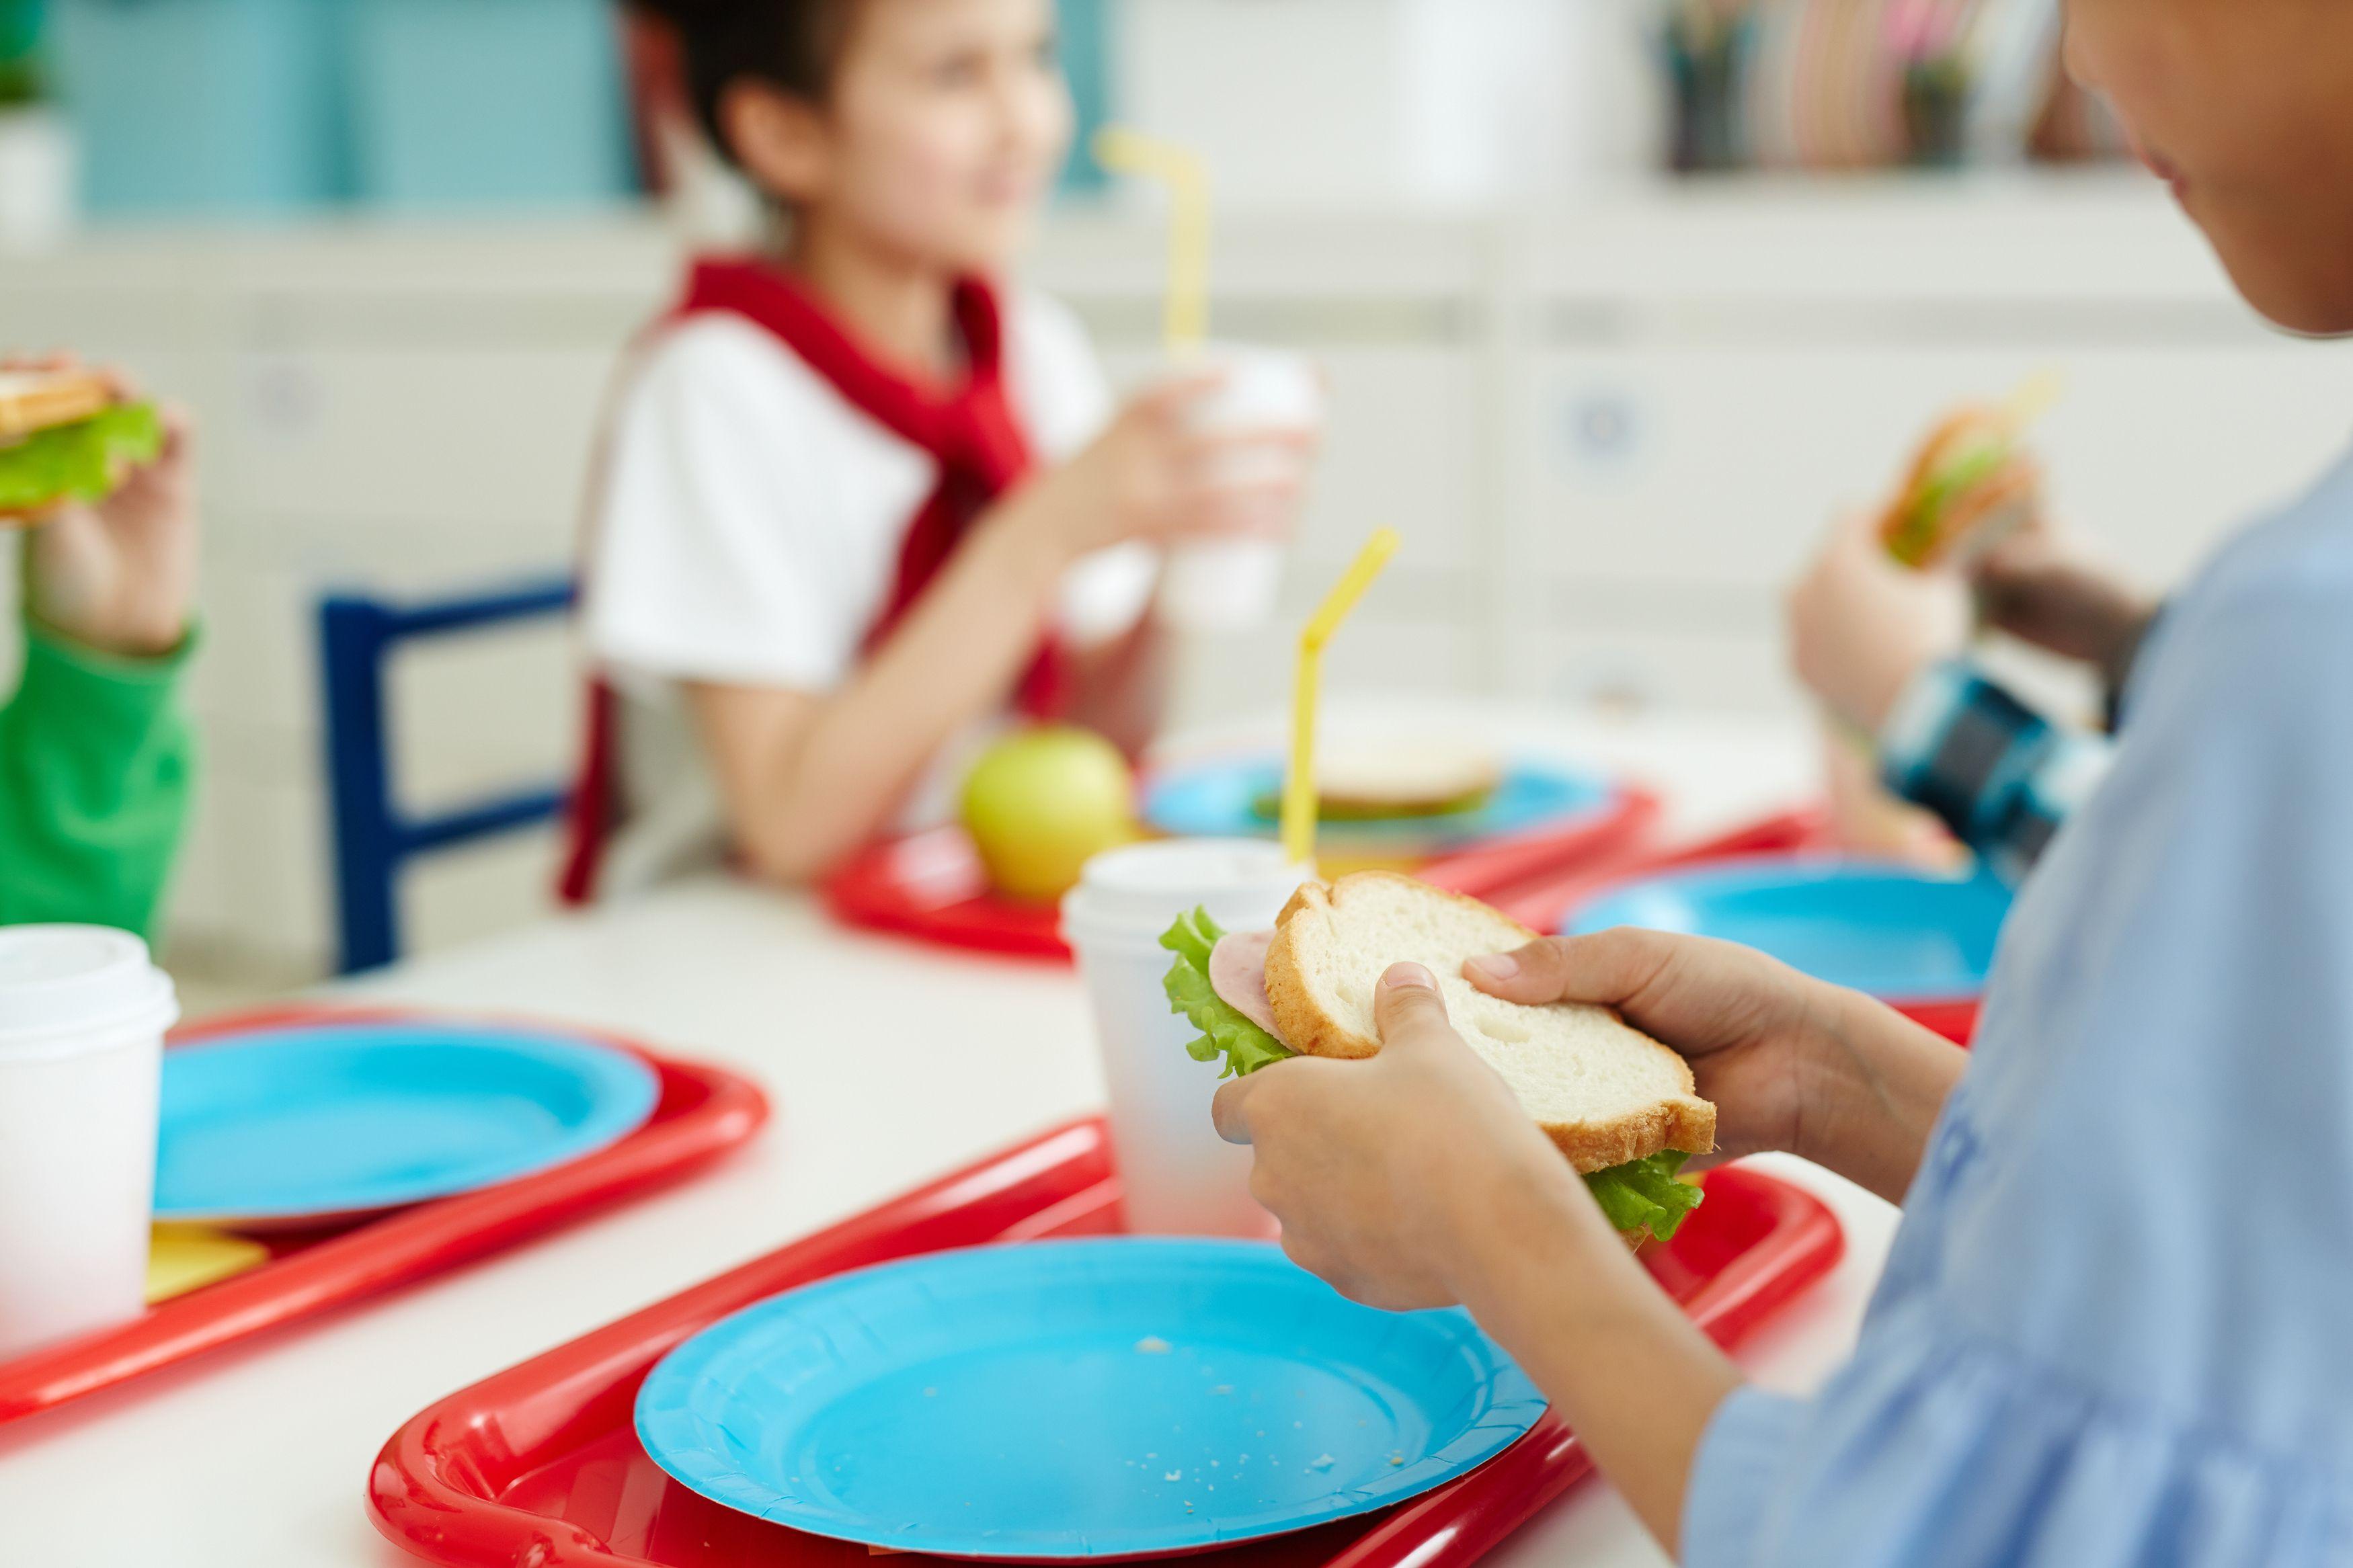 In missione nei centri cottura delle mense scolastiche, per scoprire cosa mangiano i nostri bambini